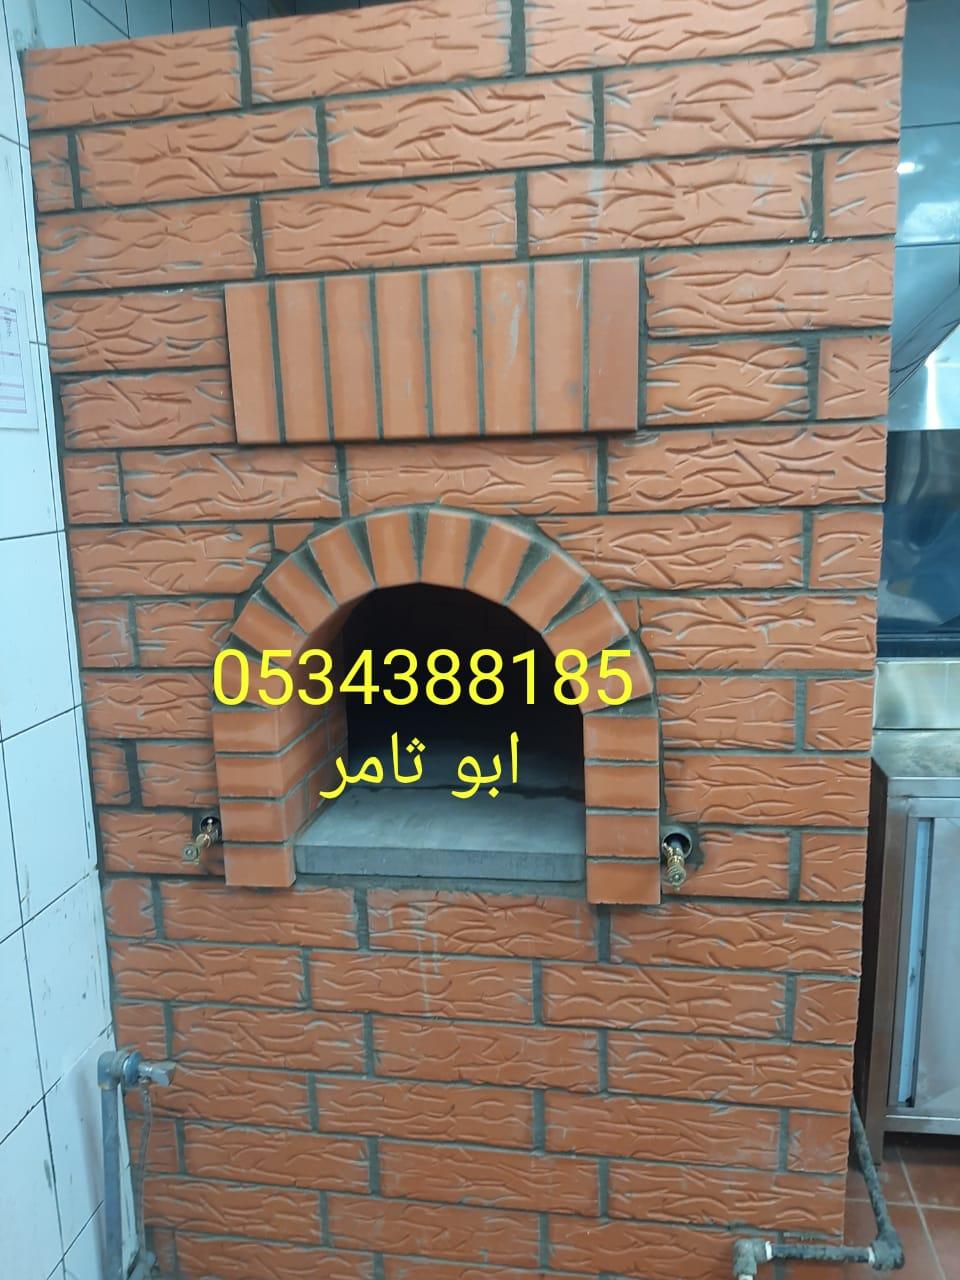 بناء افران بناء حجري بناء p_181924ccc8.jpg